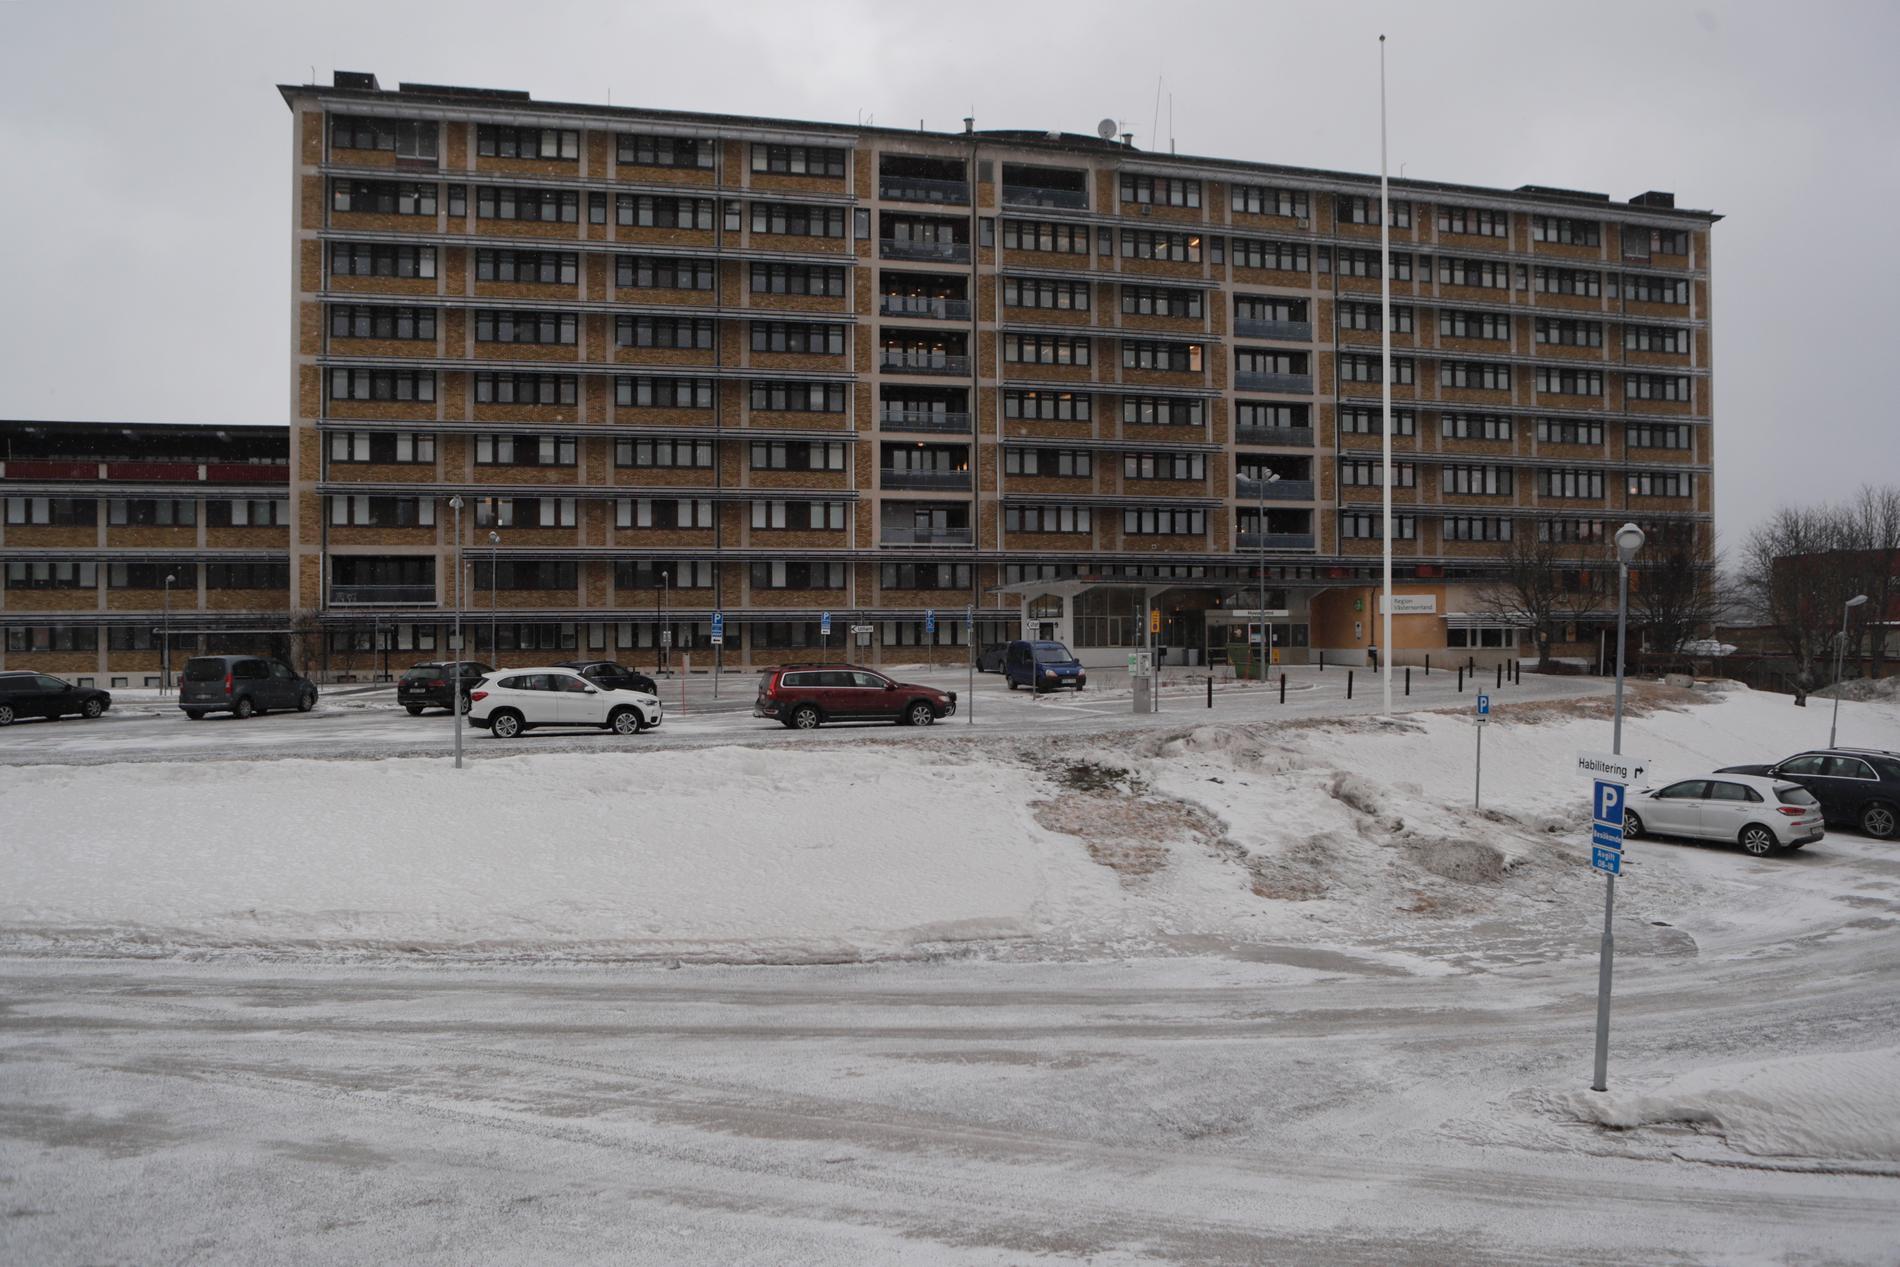 Sollefteå sjukhus har redan drabbats av stora nedskärningar. BB-ockupationen lämnade sjukhuset för ett år sedan, efter tre års protest mot nedläggningen av förlossningsavdelningen.